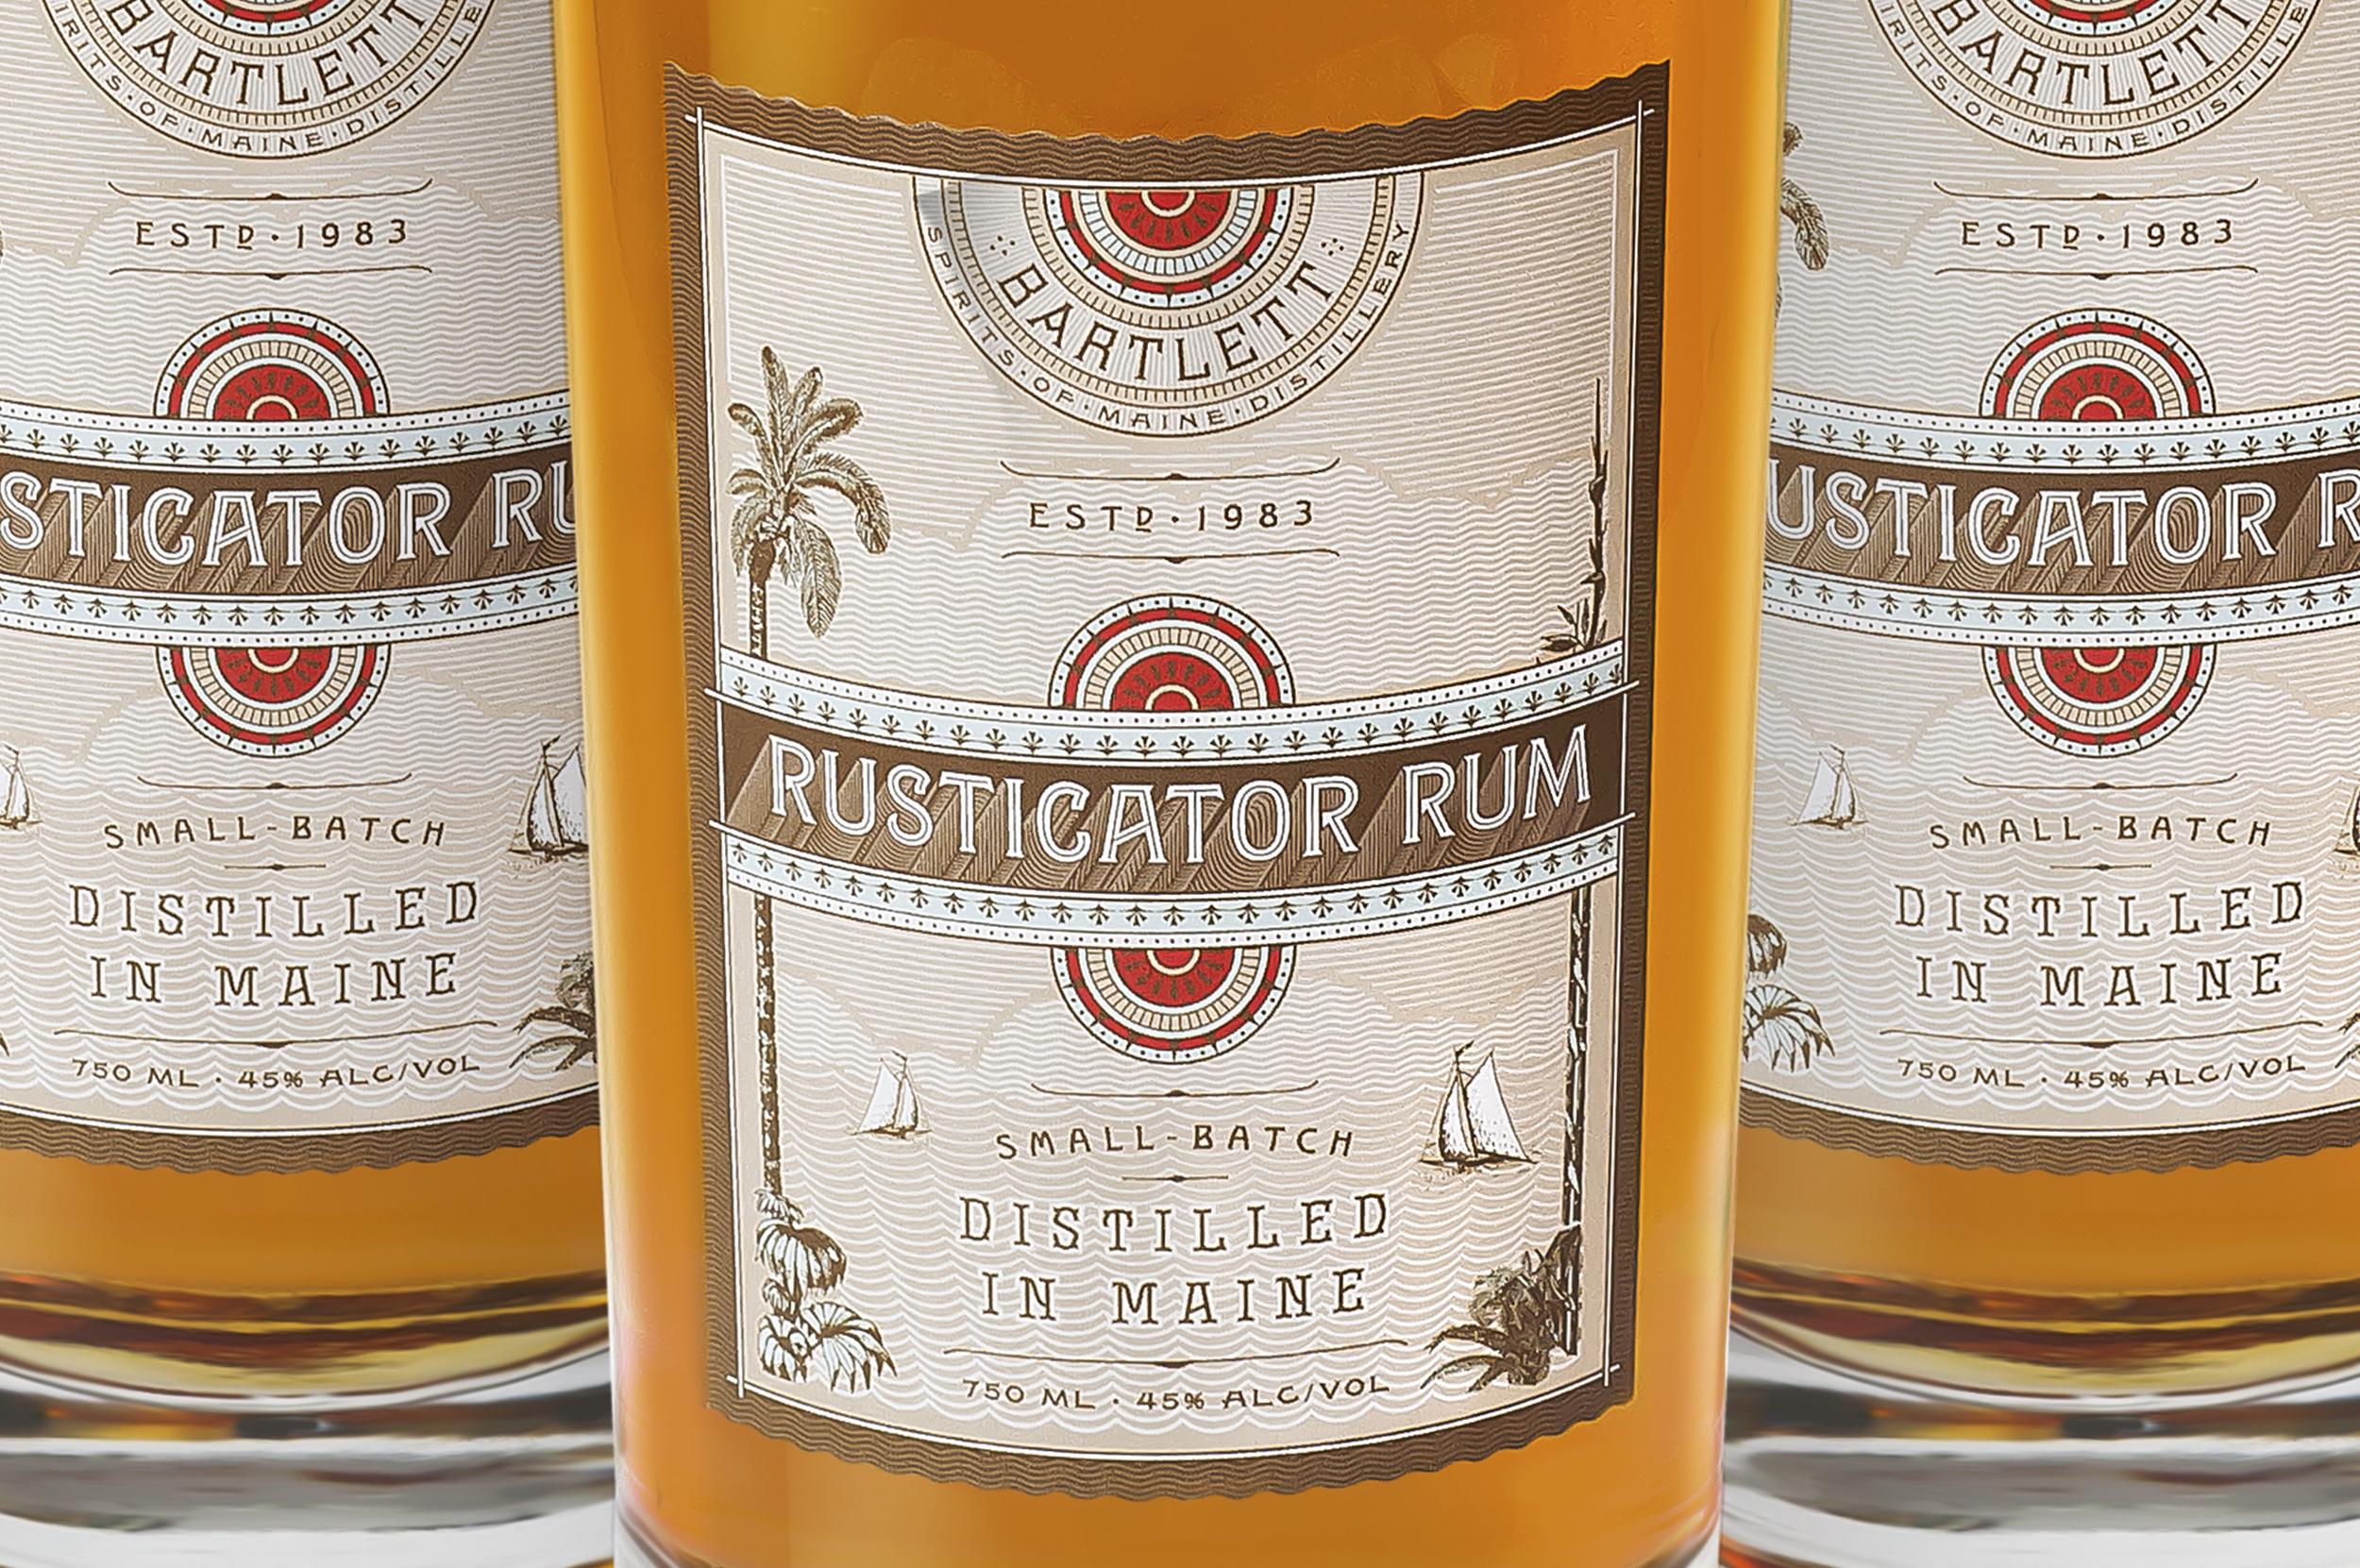 RusticatorSlide2.jpg